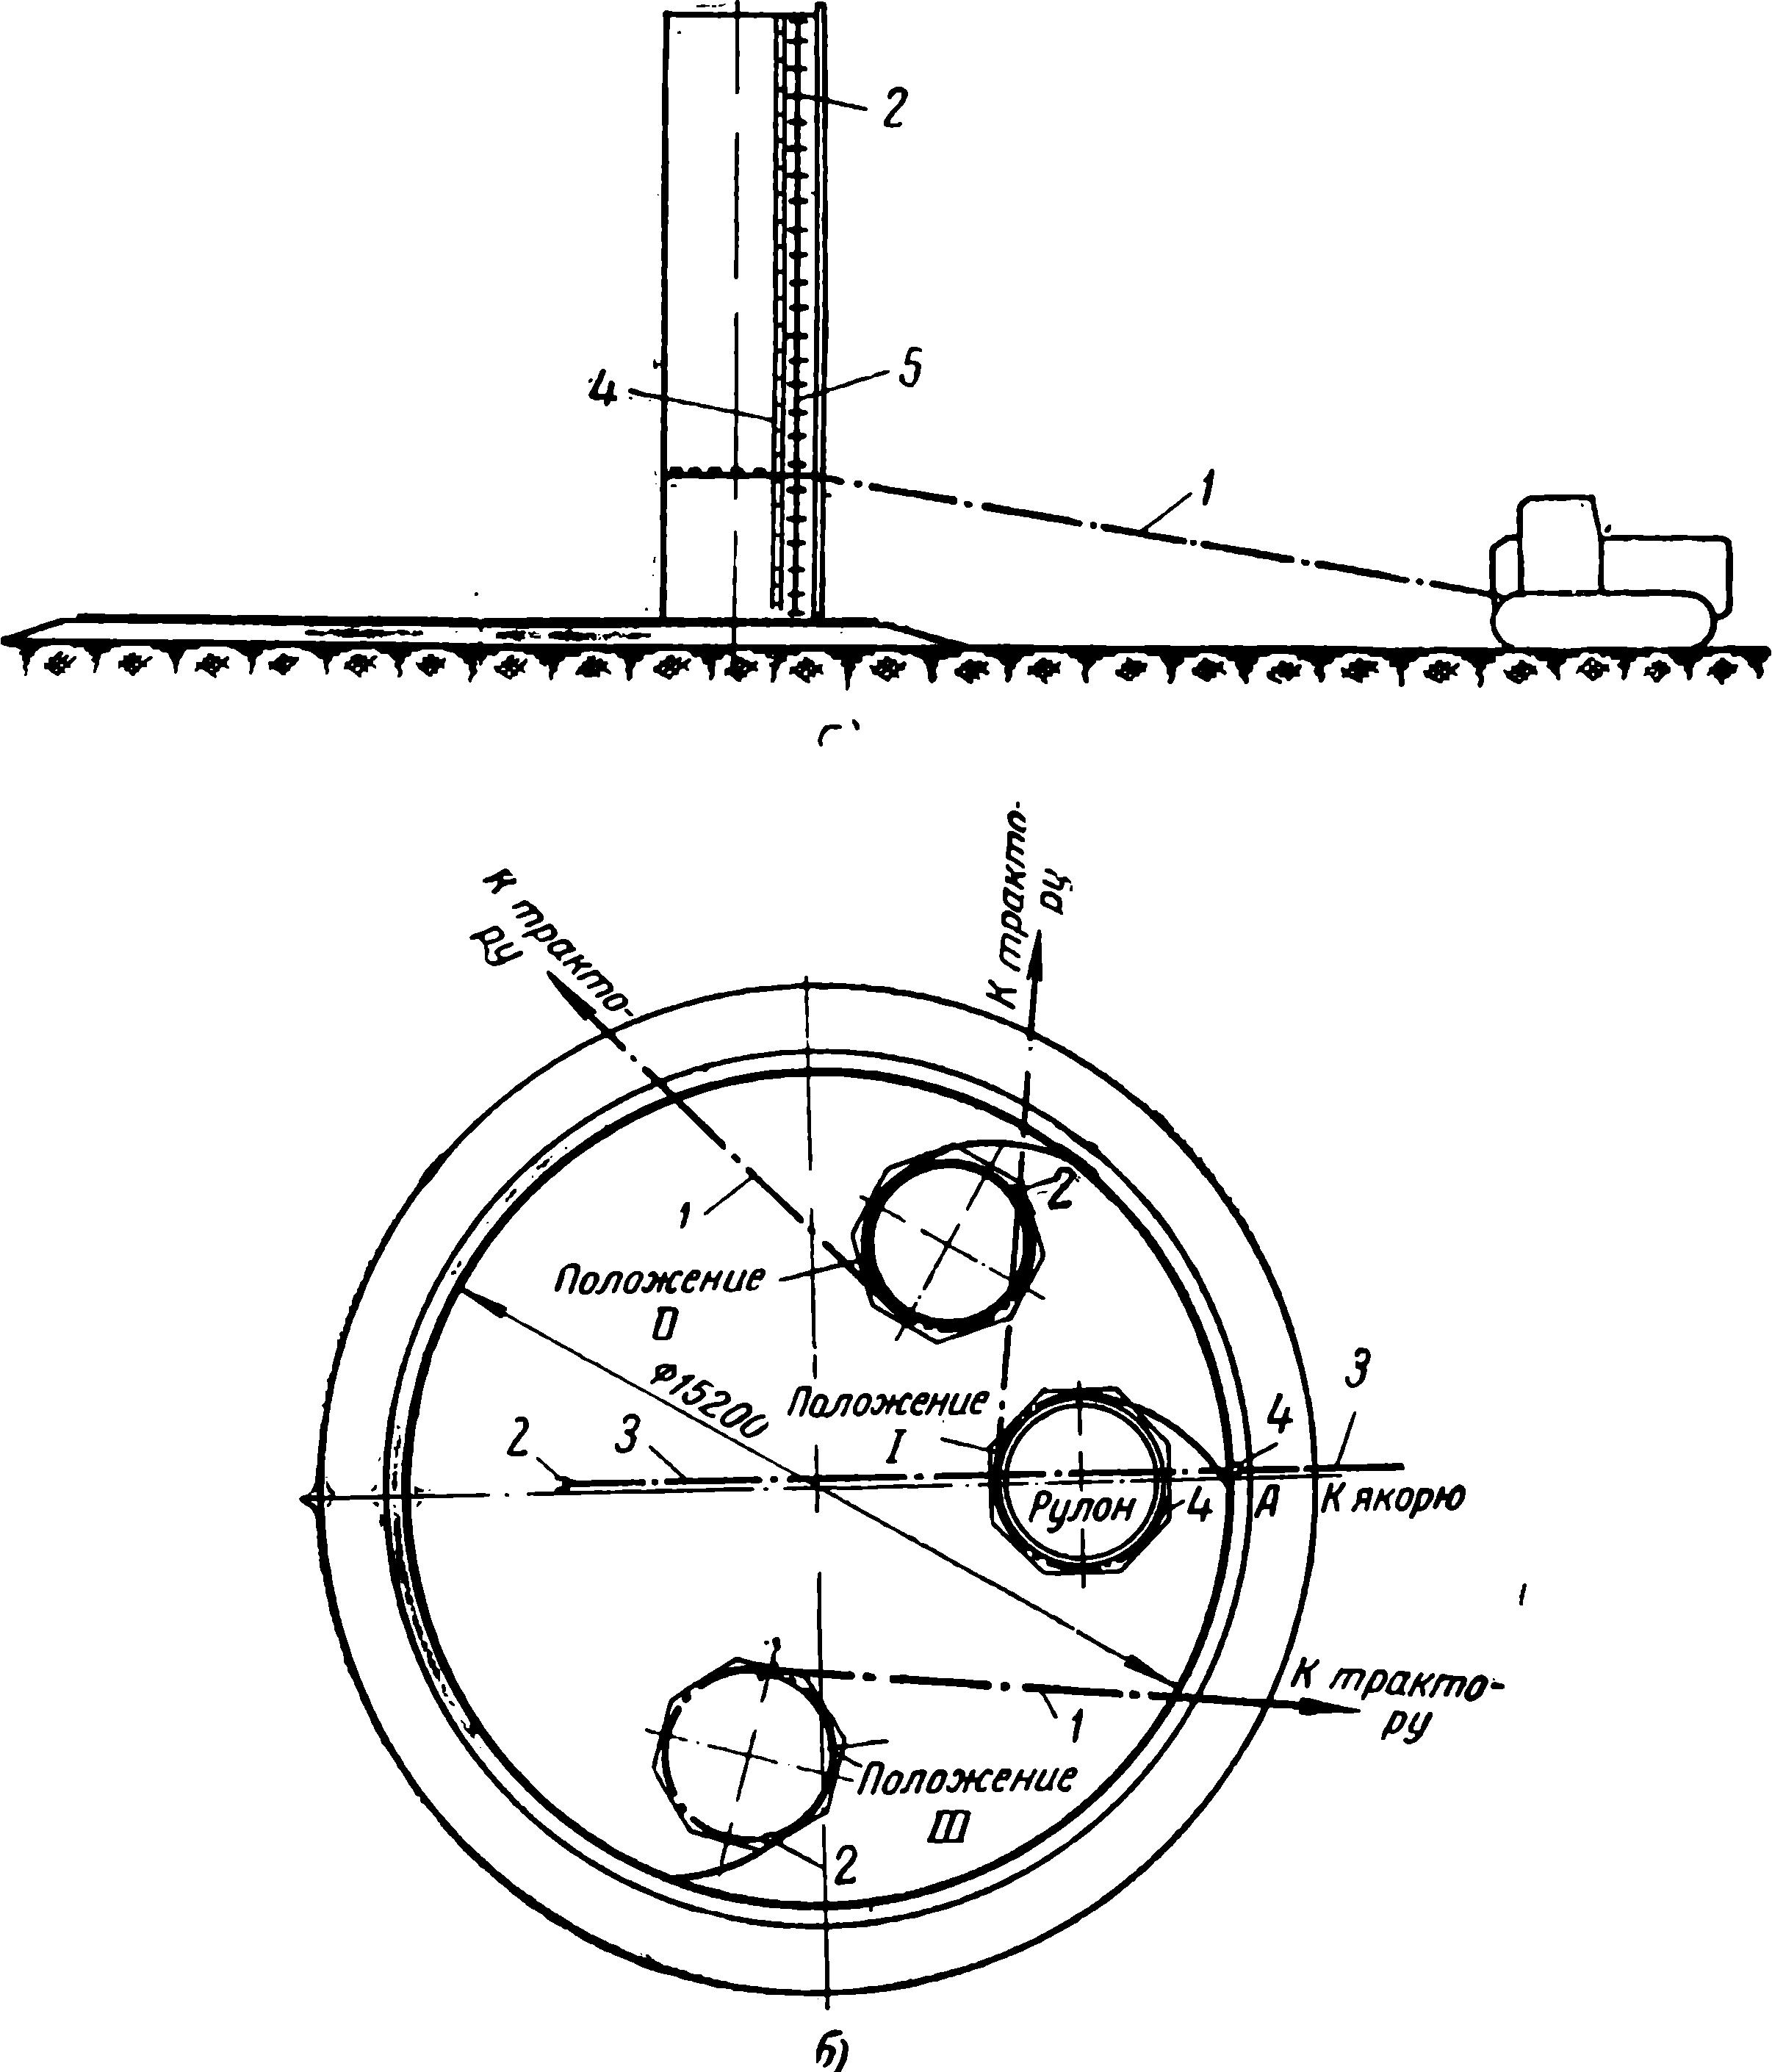 схема строповки грузов мостовым краном